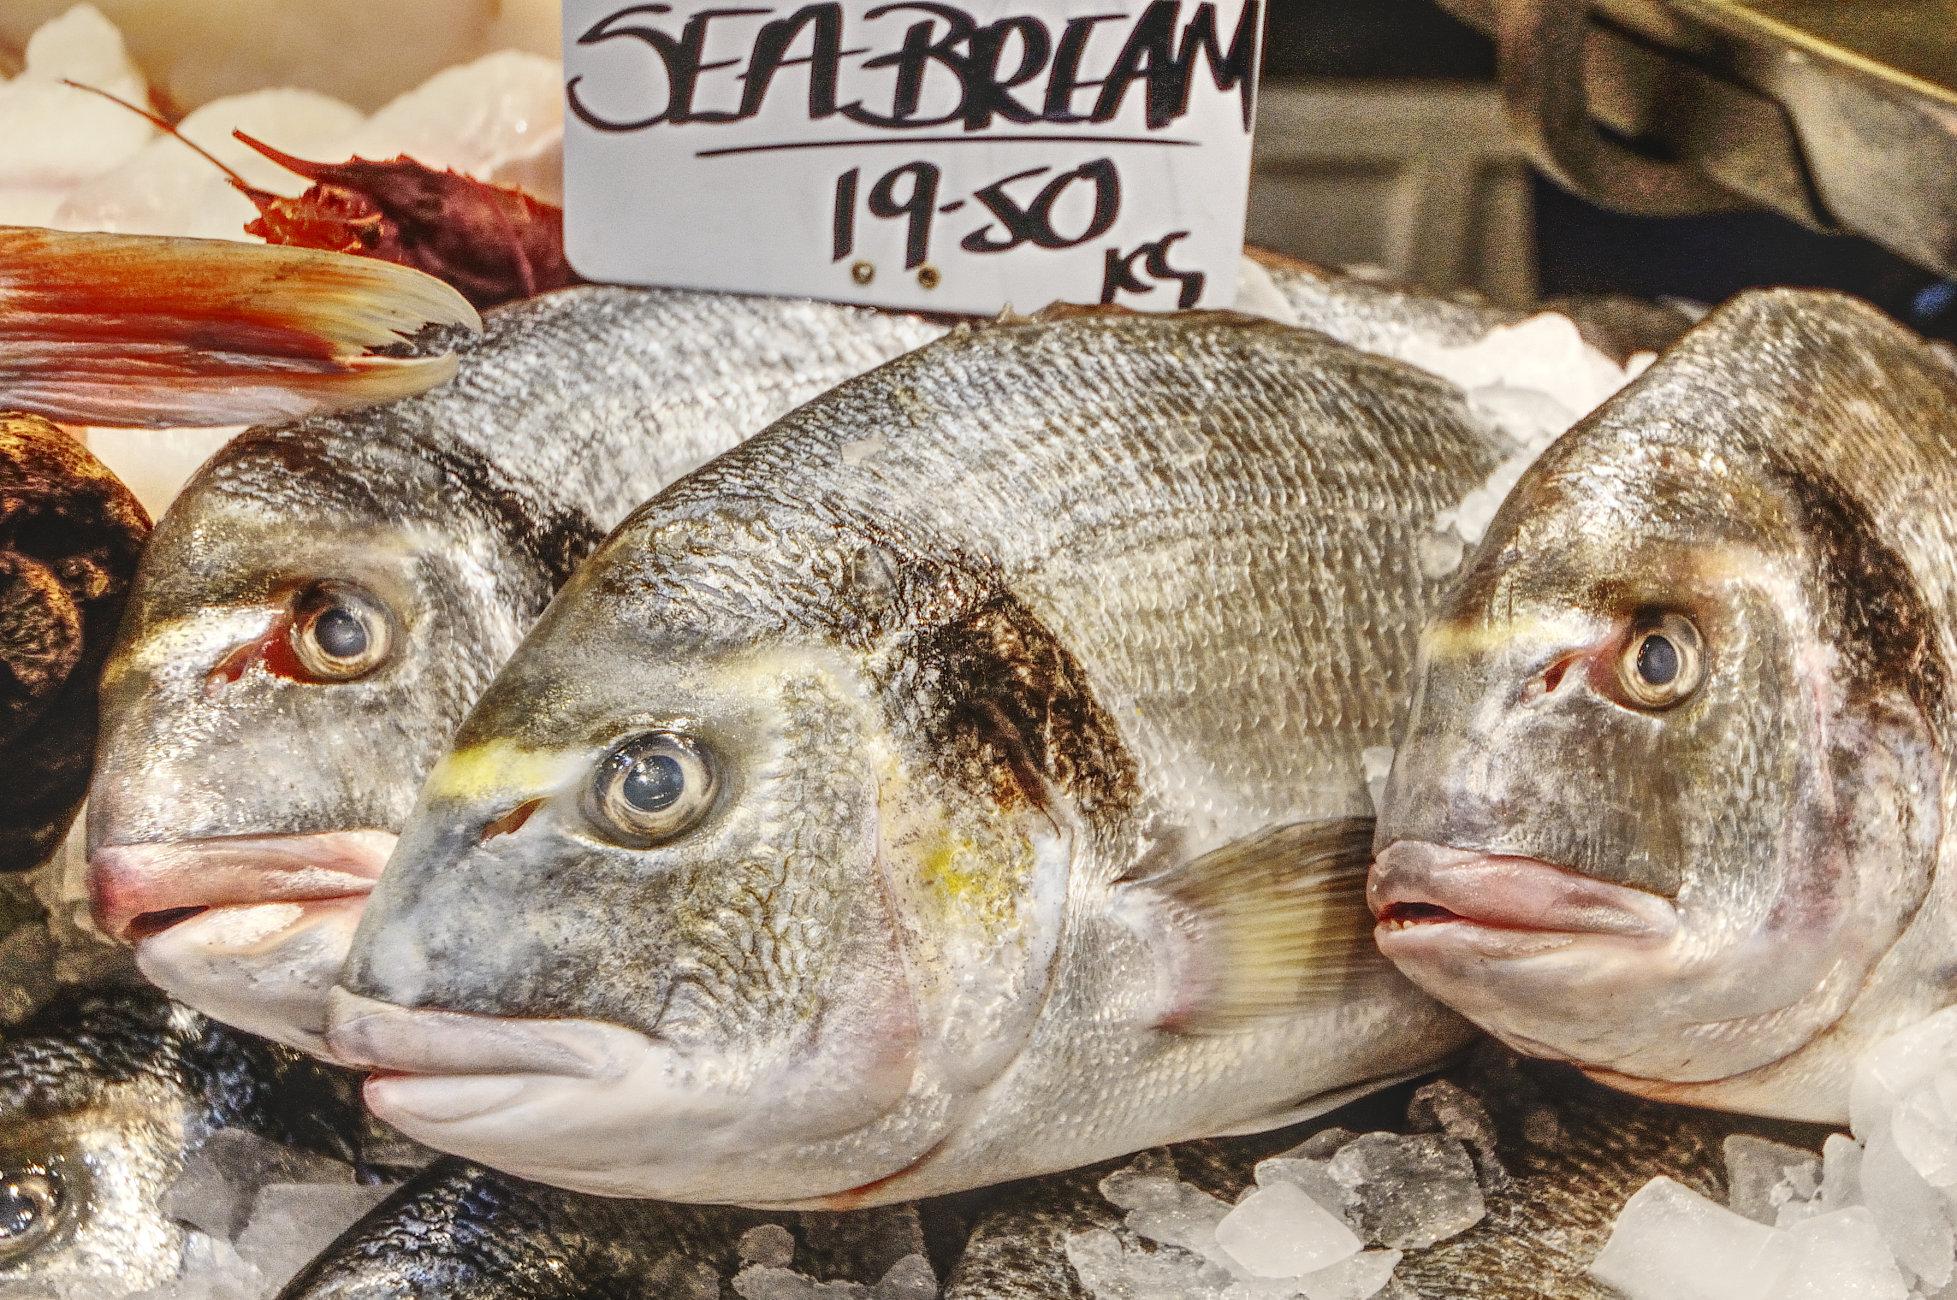 Sea Bream - Borough Market